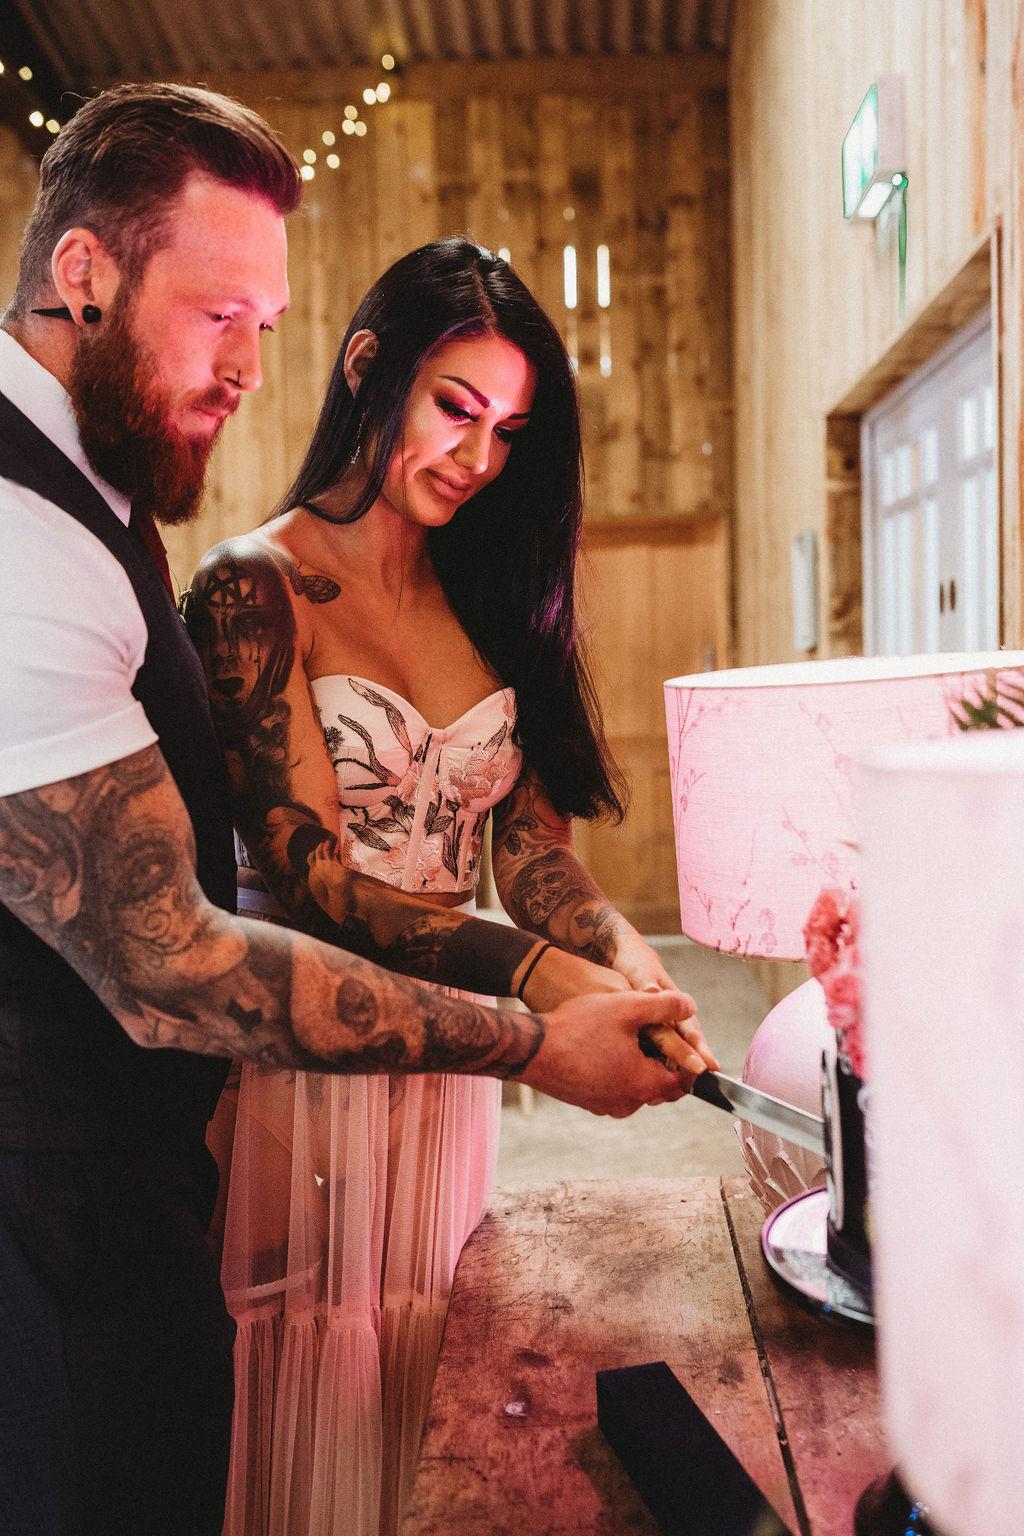 bride and groom cutting cake - alternative farm wedding, edgy wedding, tattooed wedding, alternative wedding